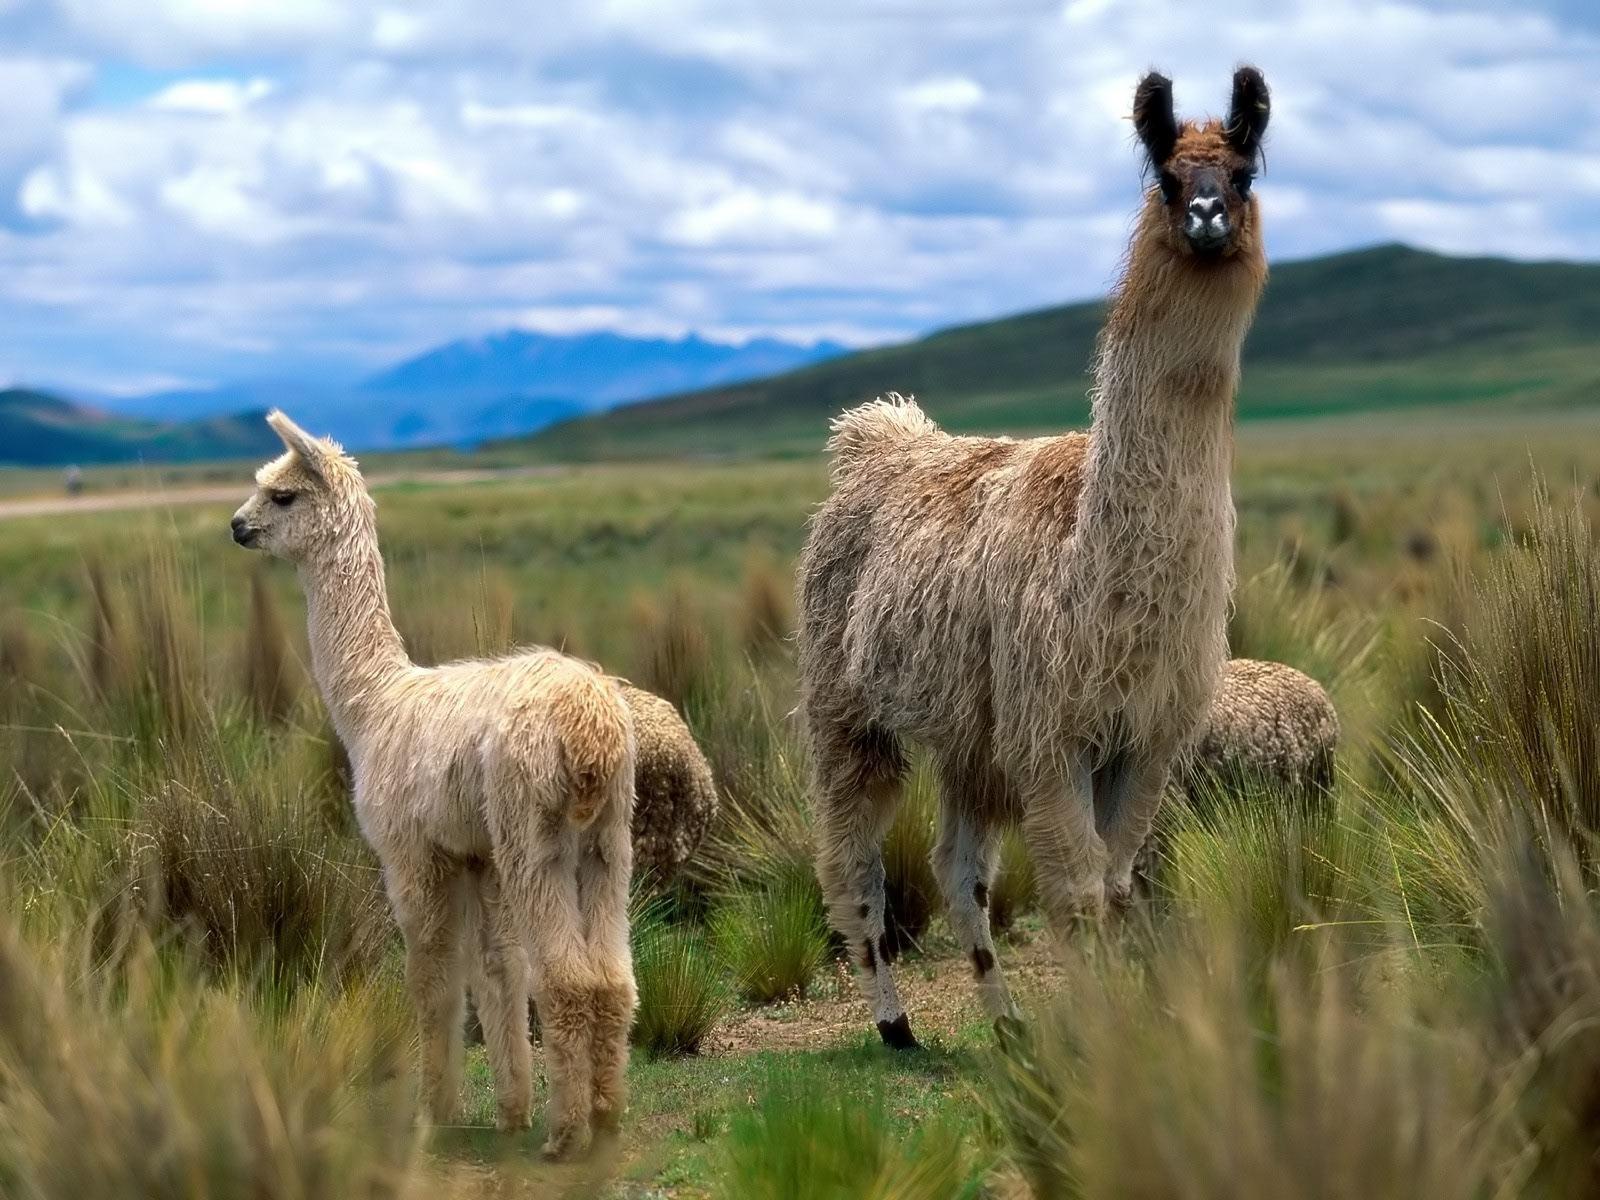 Llama wallpapers   Alpacas and Llamas Wallpaper 28337713 1600x1200